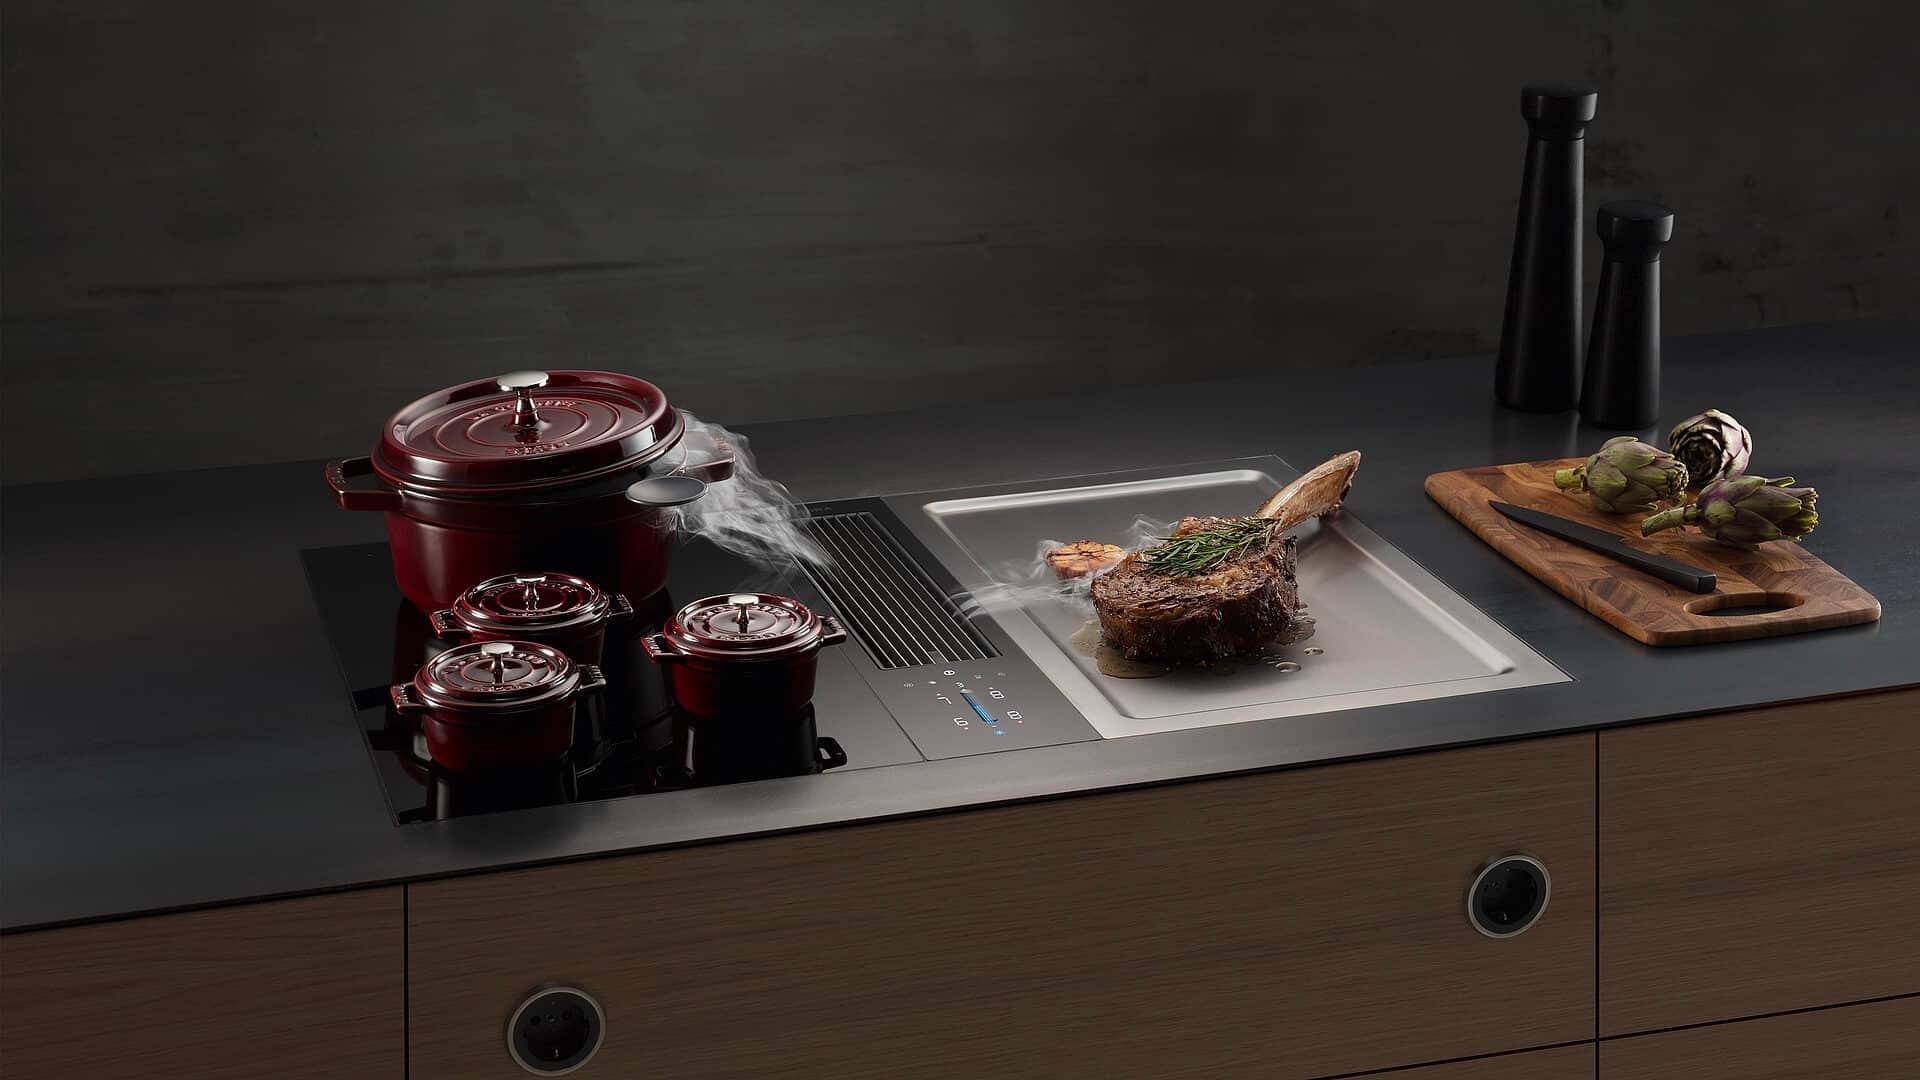 Bora Classic Kookplaat Van Ginkel Keukens